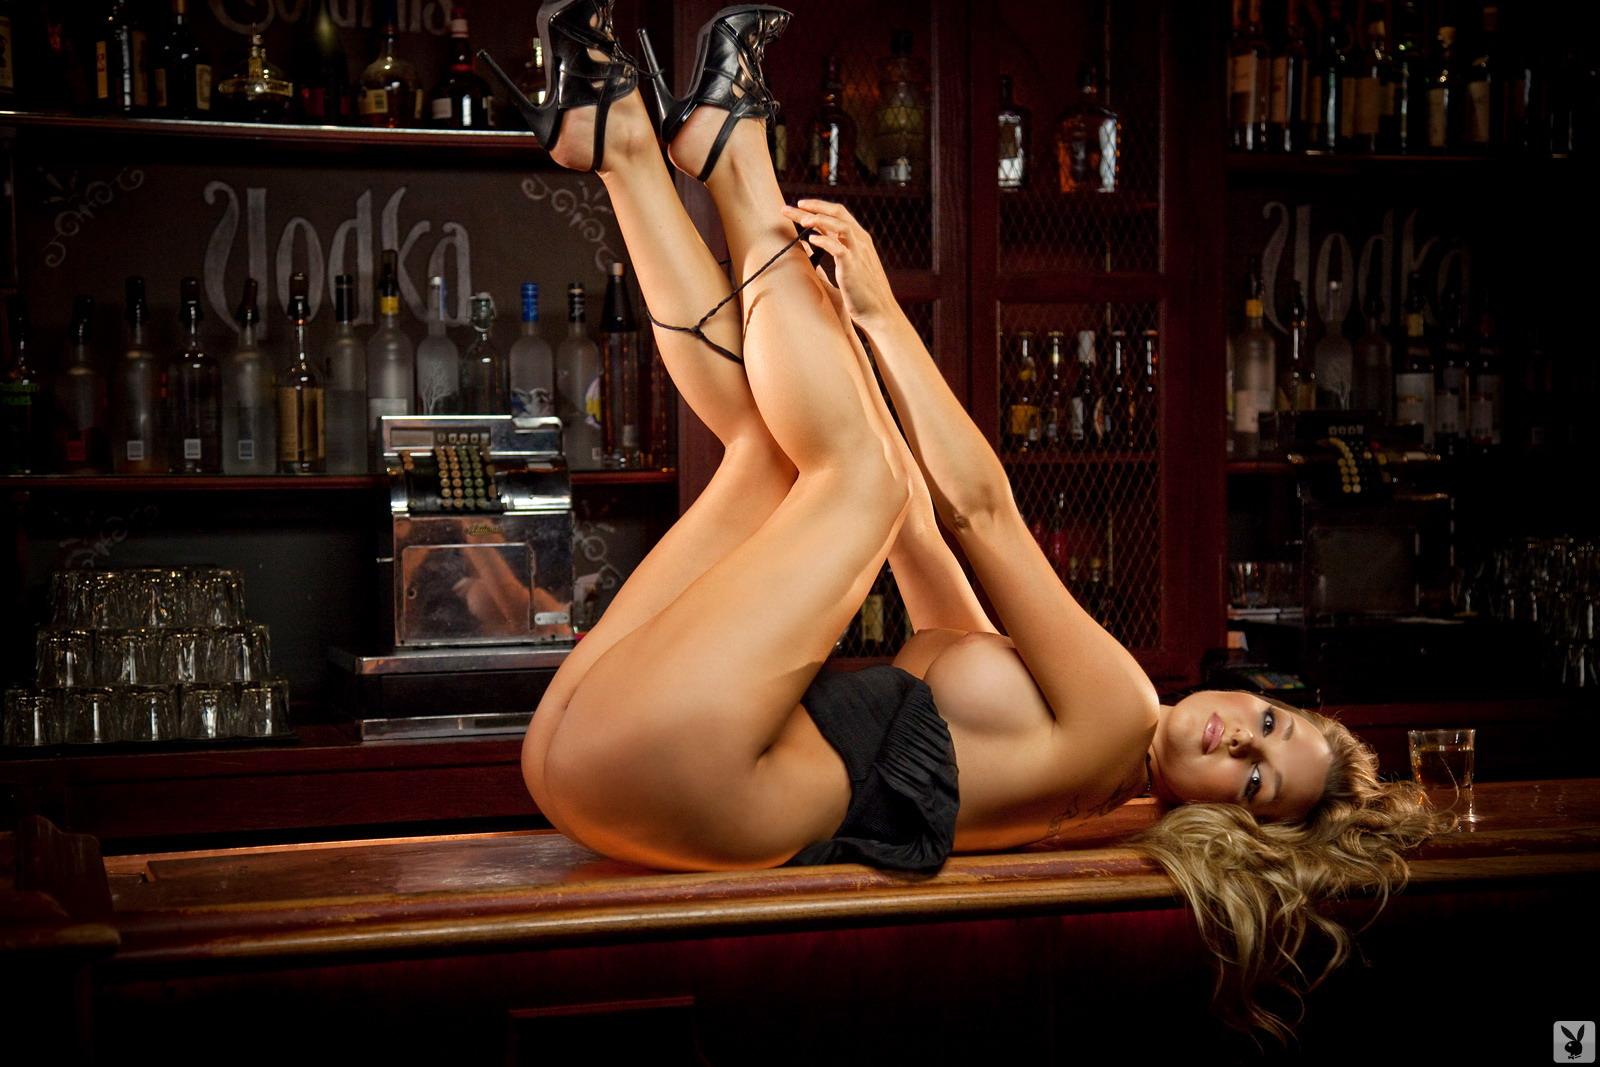 Фото лесбиянок блондинок у барной стойки